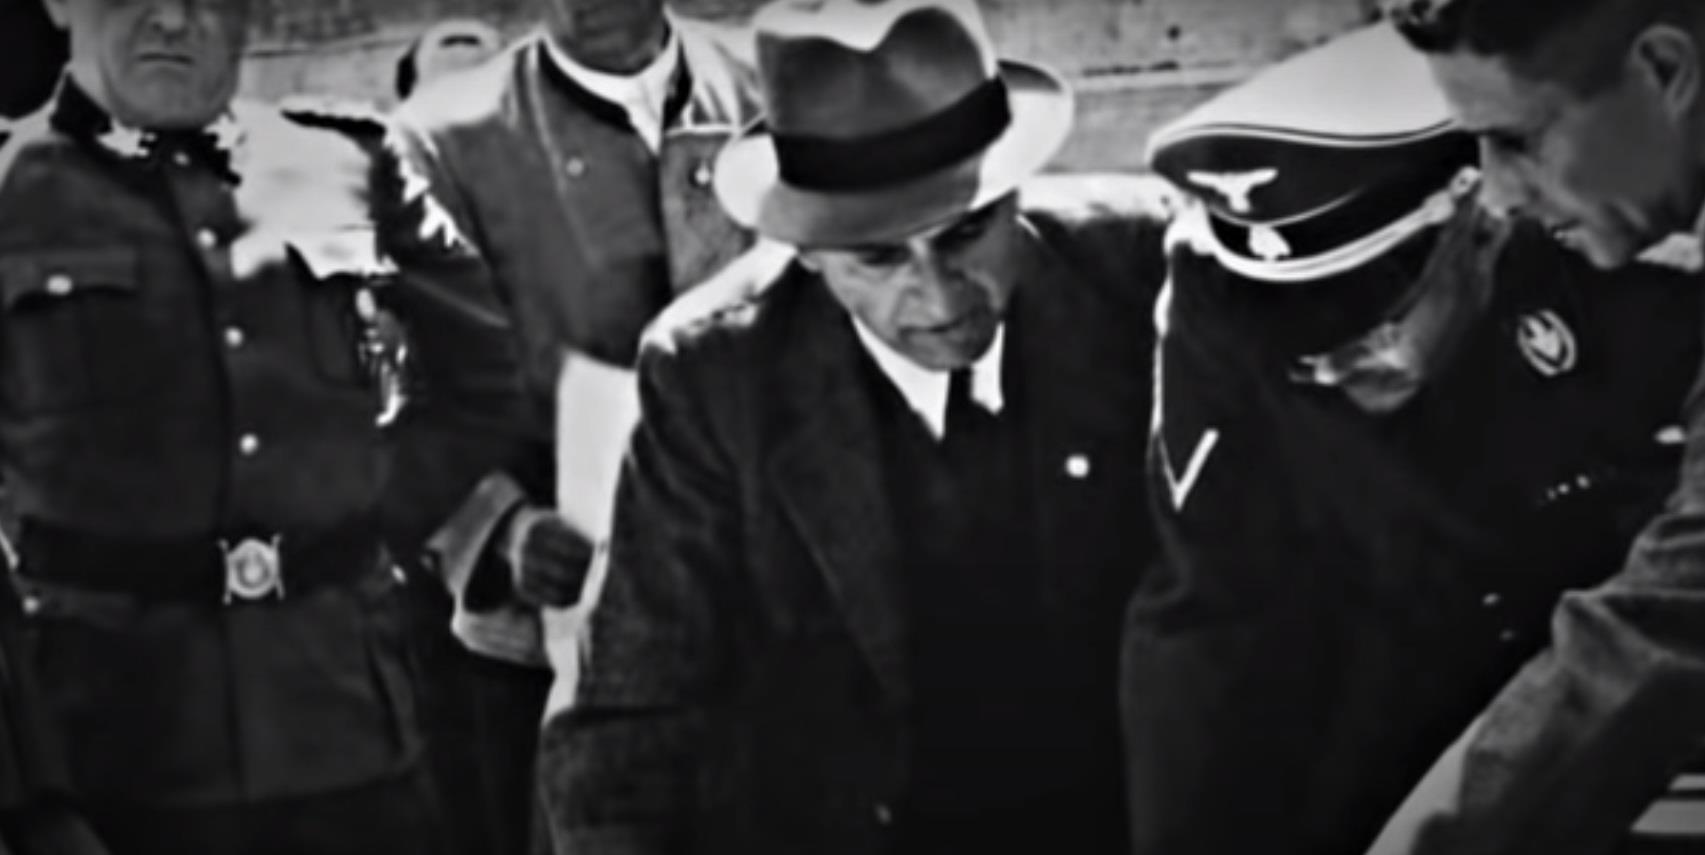 II wojna światowa: Po jej zakończeniu procesy hitlerowców były na porządku dziennym, jednak niektórzy naziści i zbrodniarze wojenni uniknęli kary.